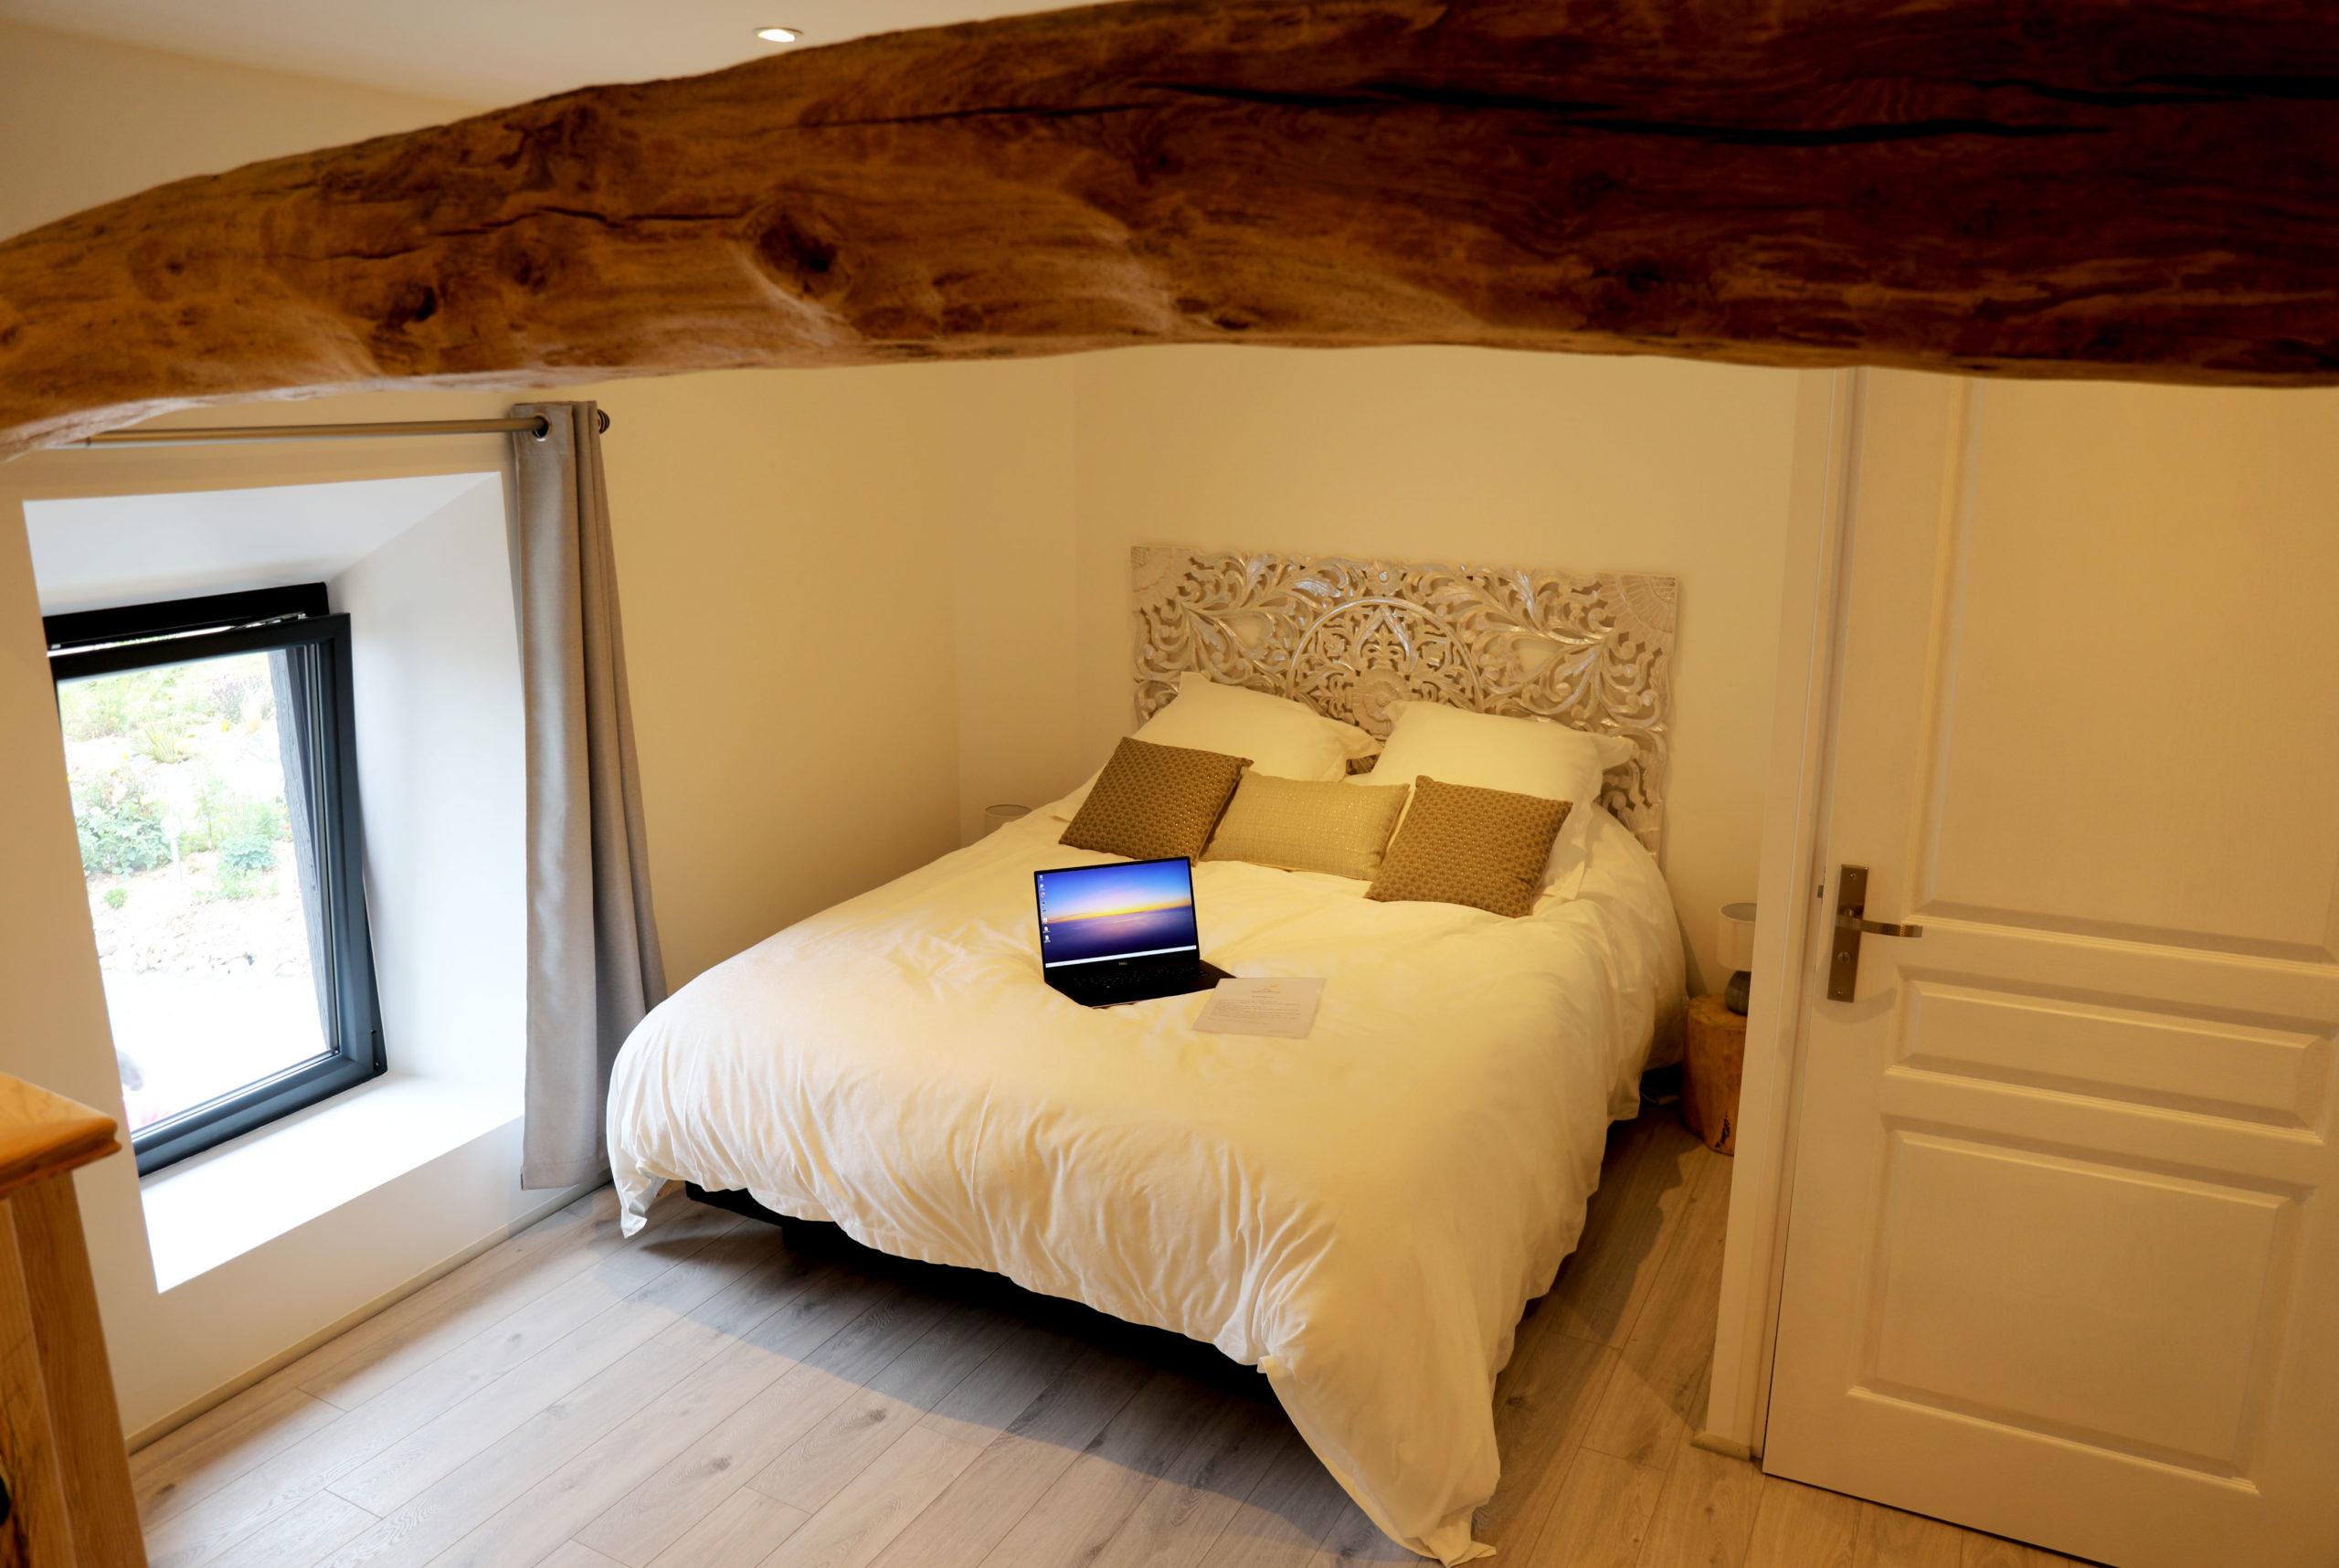 Chambres d'hôtes les gabriolleries à Courcy - Coutances soiree etape hotel seminaire entreprise saint lo manche normandie